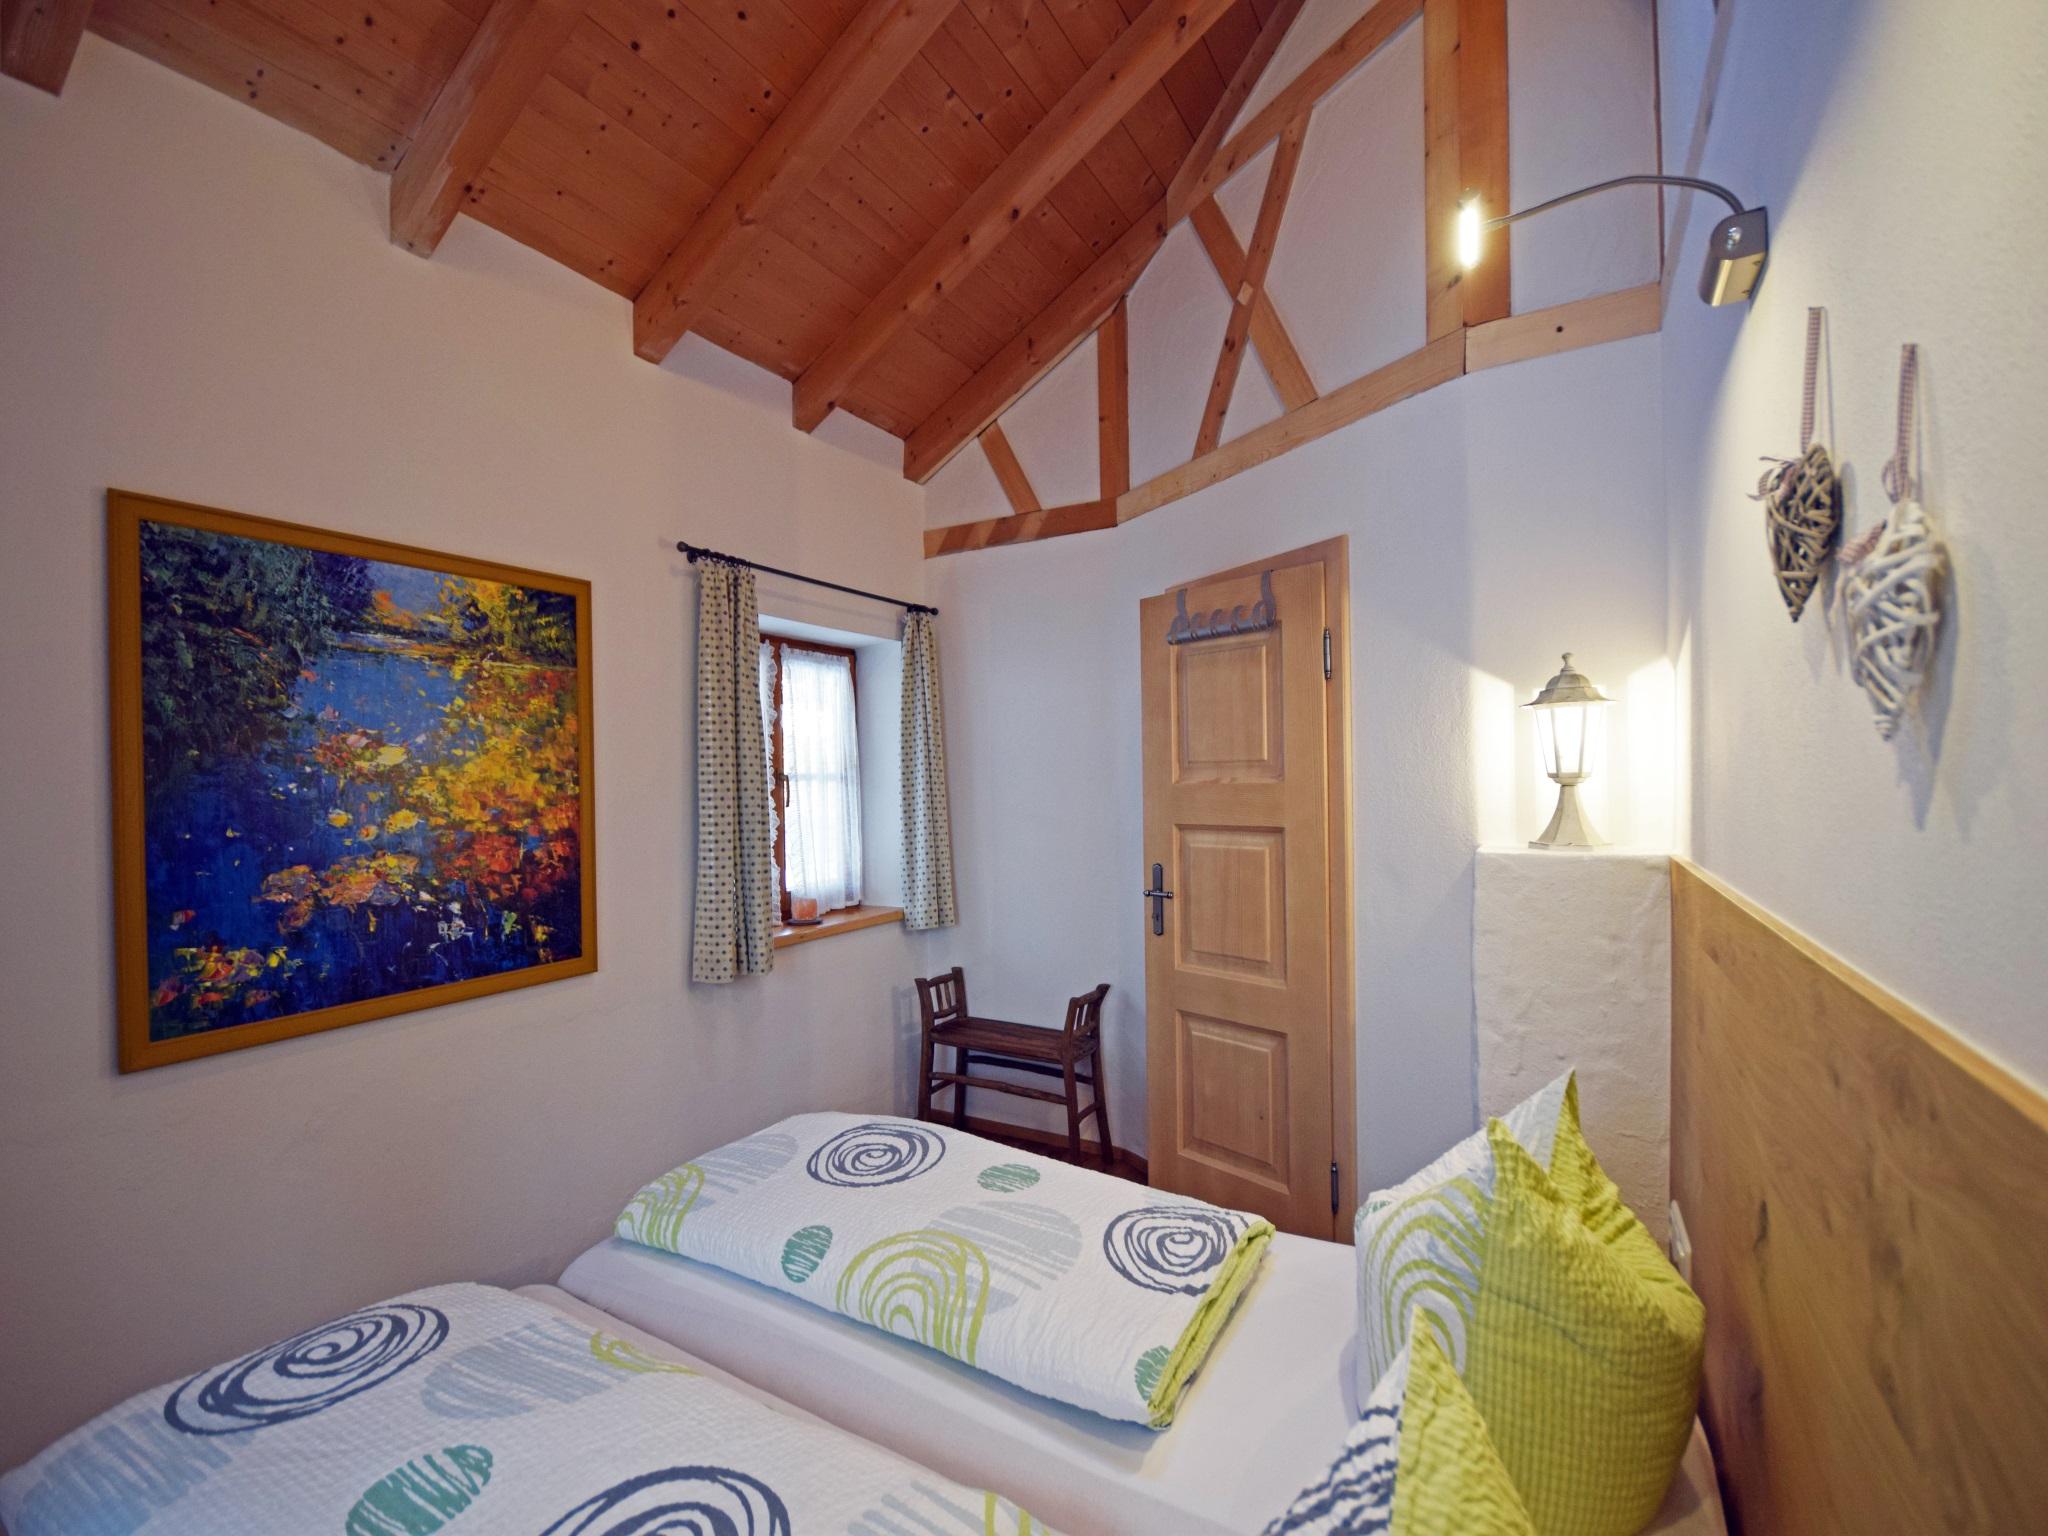 Holiday apartment Bosch Hermann jun. (DE Grassau). Ferienwohnung Hochfelln, 72 qm, f. 2-3 Pers. (916663), Grassau, Chiemgau, Bavaria, Germany, picture 6